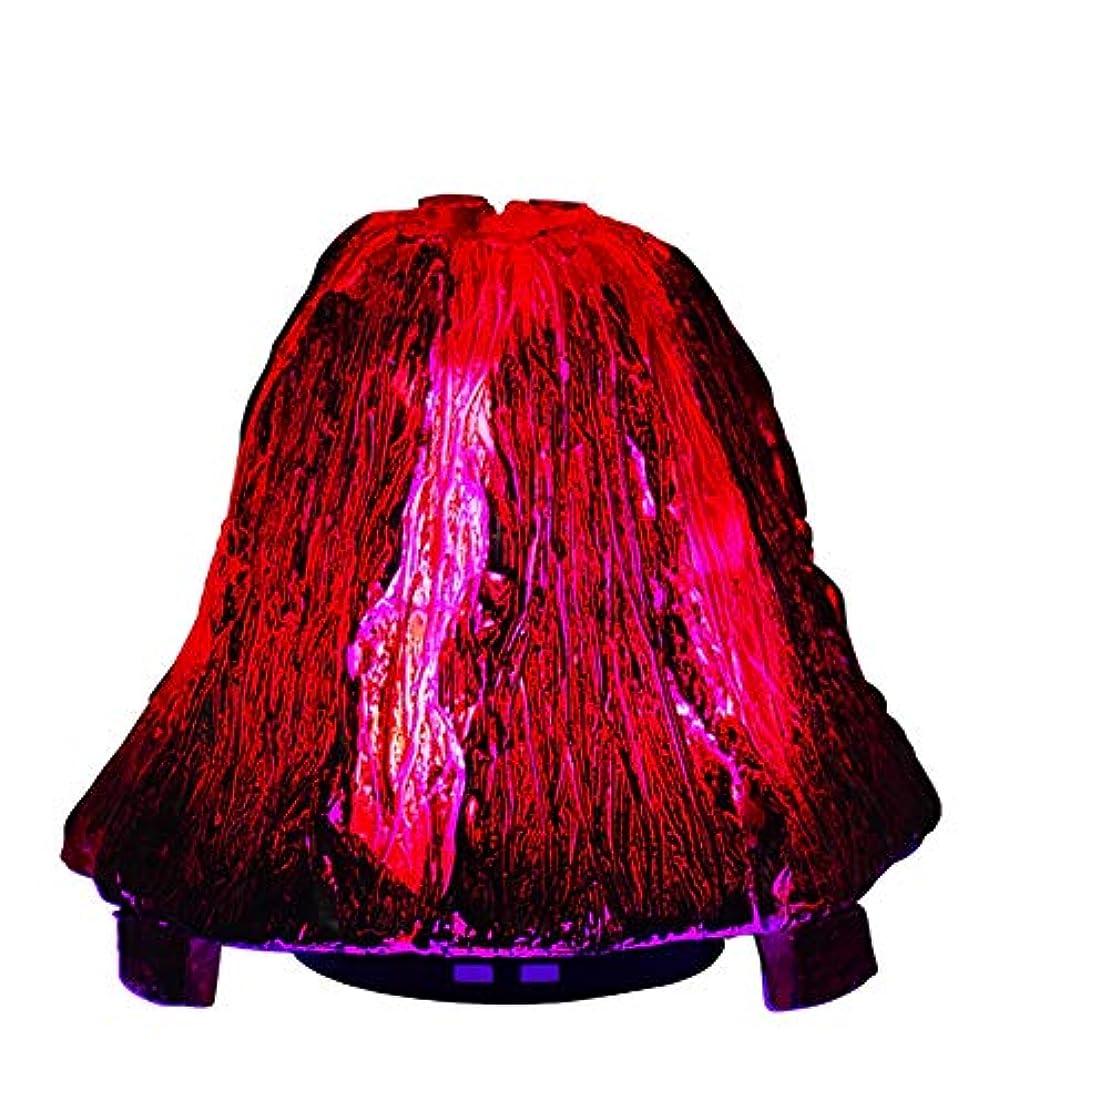 ユーモラスチップ免除するオリジナリティ火山のエッセンシャルオイルディフューザー、120mlアロマセラピー超音波クールミスト加湿器、7色LEDライト付きウォーターレスオートオフ